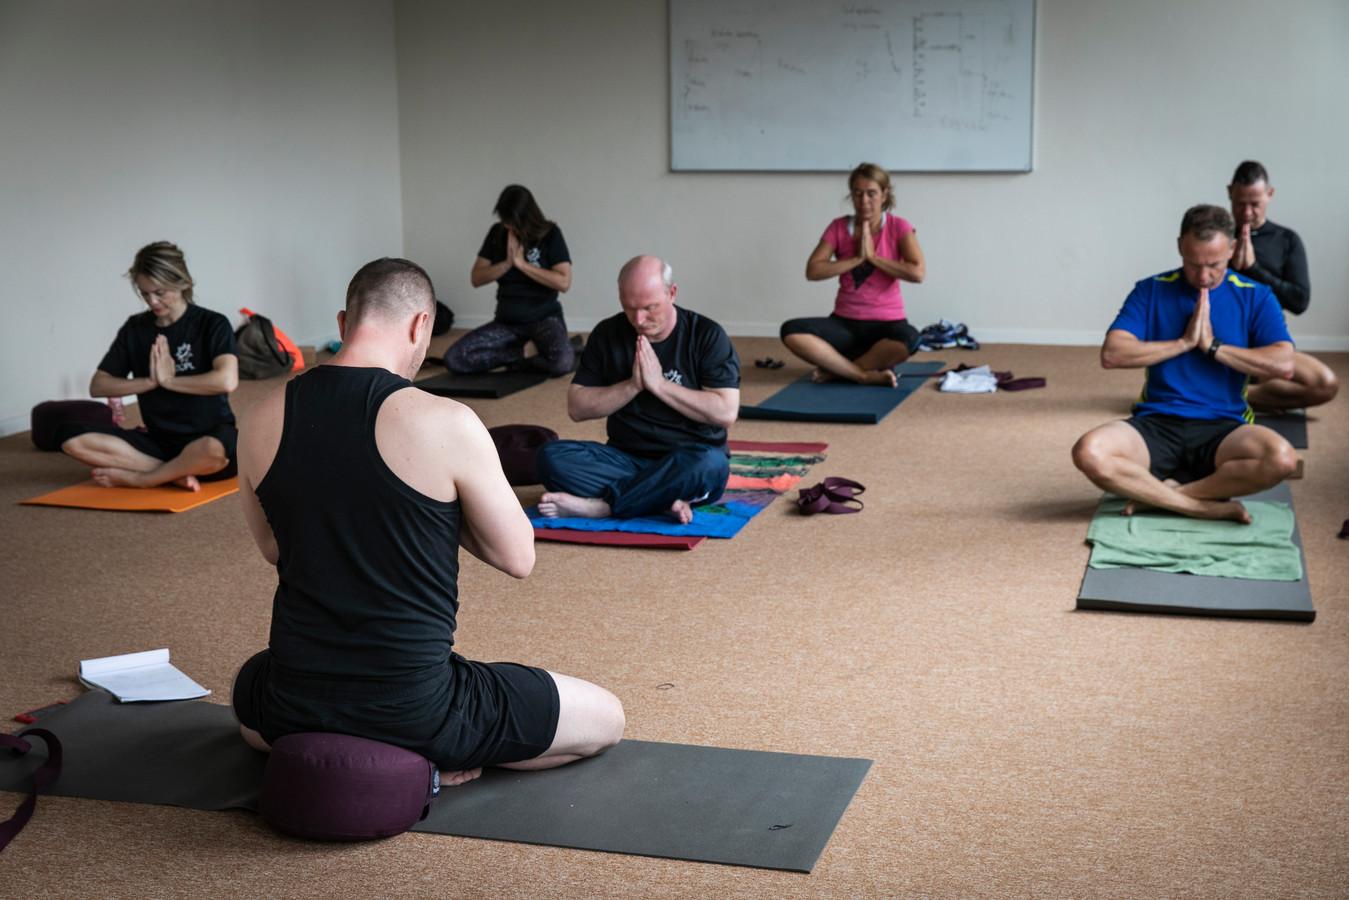 Bij defensie worden yogalessen gegeven zoals in Amsterdam op het Marineterrein. Docenten vandaag zijn: Sander Thummler (linksvoor) en Raymond van Leeuwen.